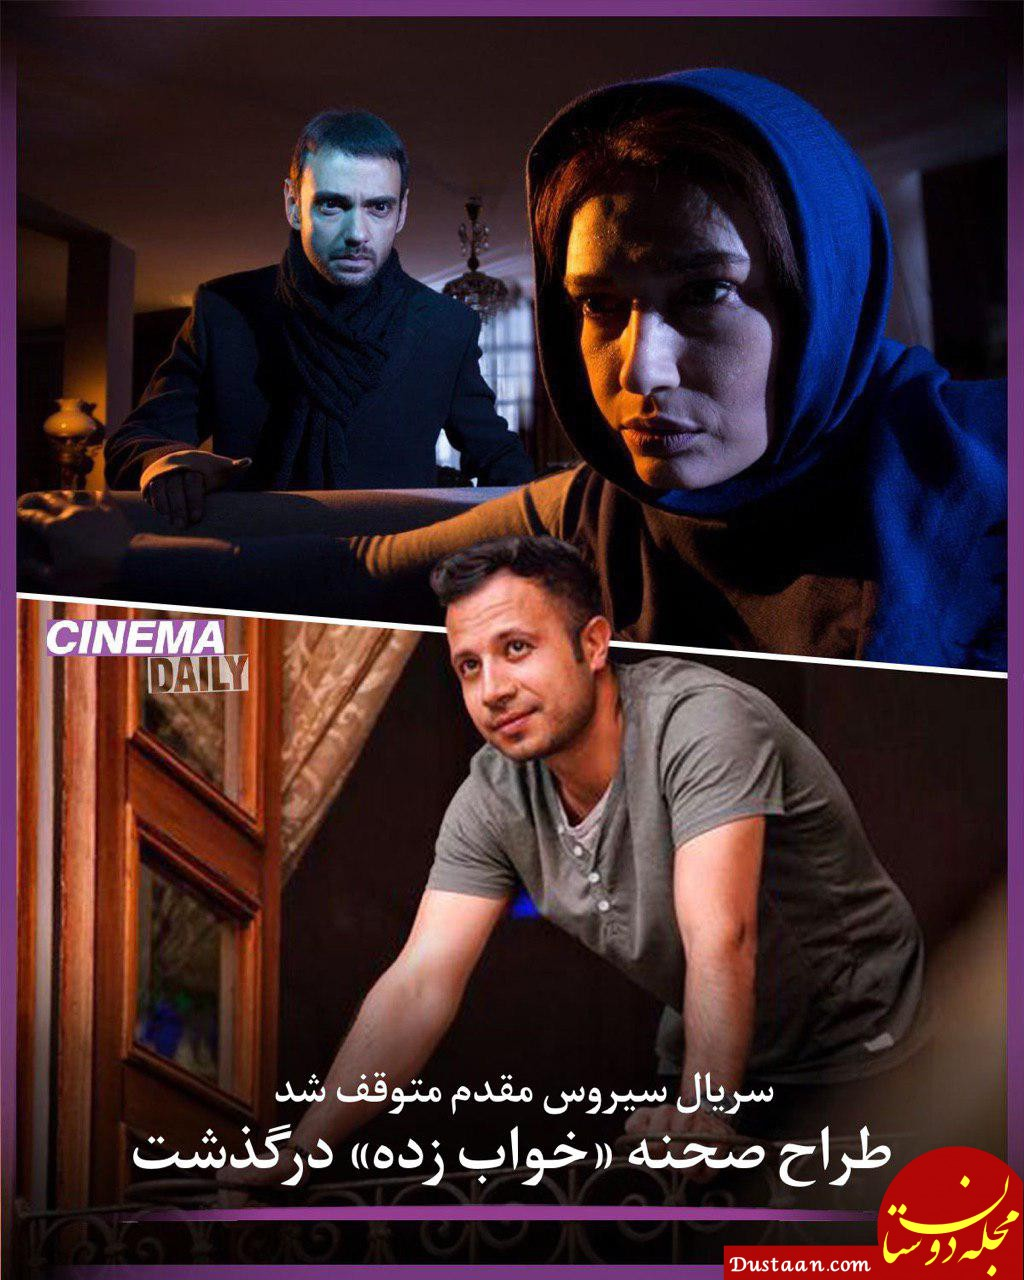 www.dustaan.com طراح صحنه سریال «خواب زده» درگذشت